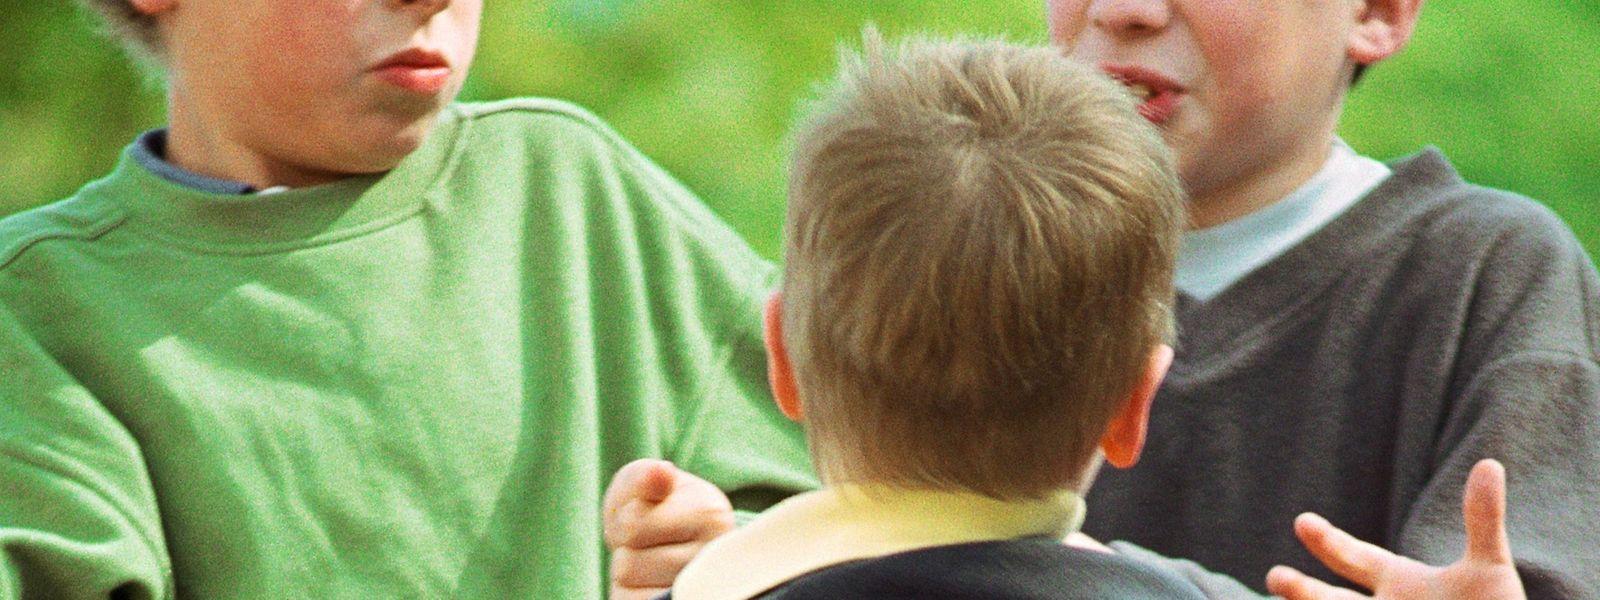 Gerangel unter Kindern ist nichts Ungewöhnliches. Doch die extremen Gewaltfälle nehmen Aussagen von Eltern und Lehrkräften zufolge zu.